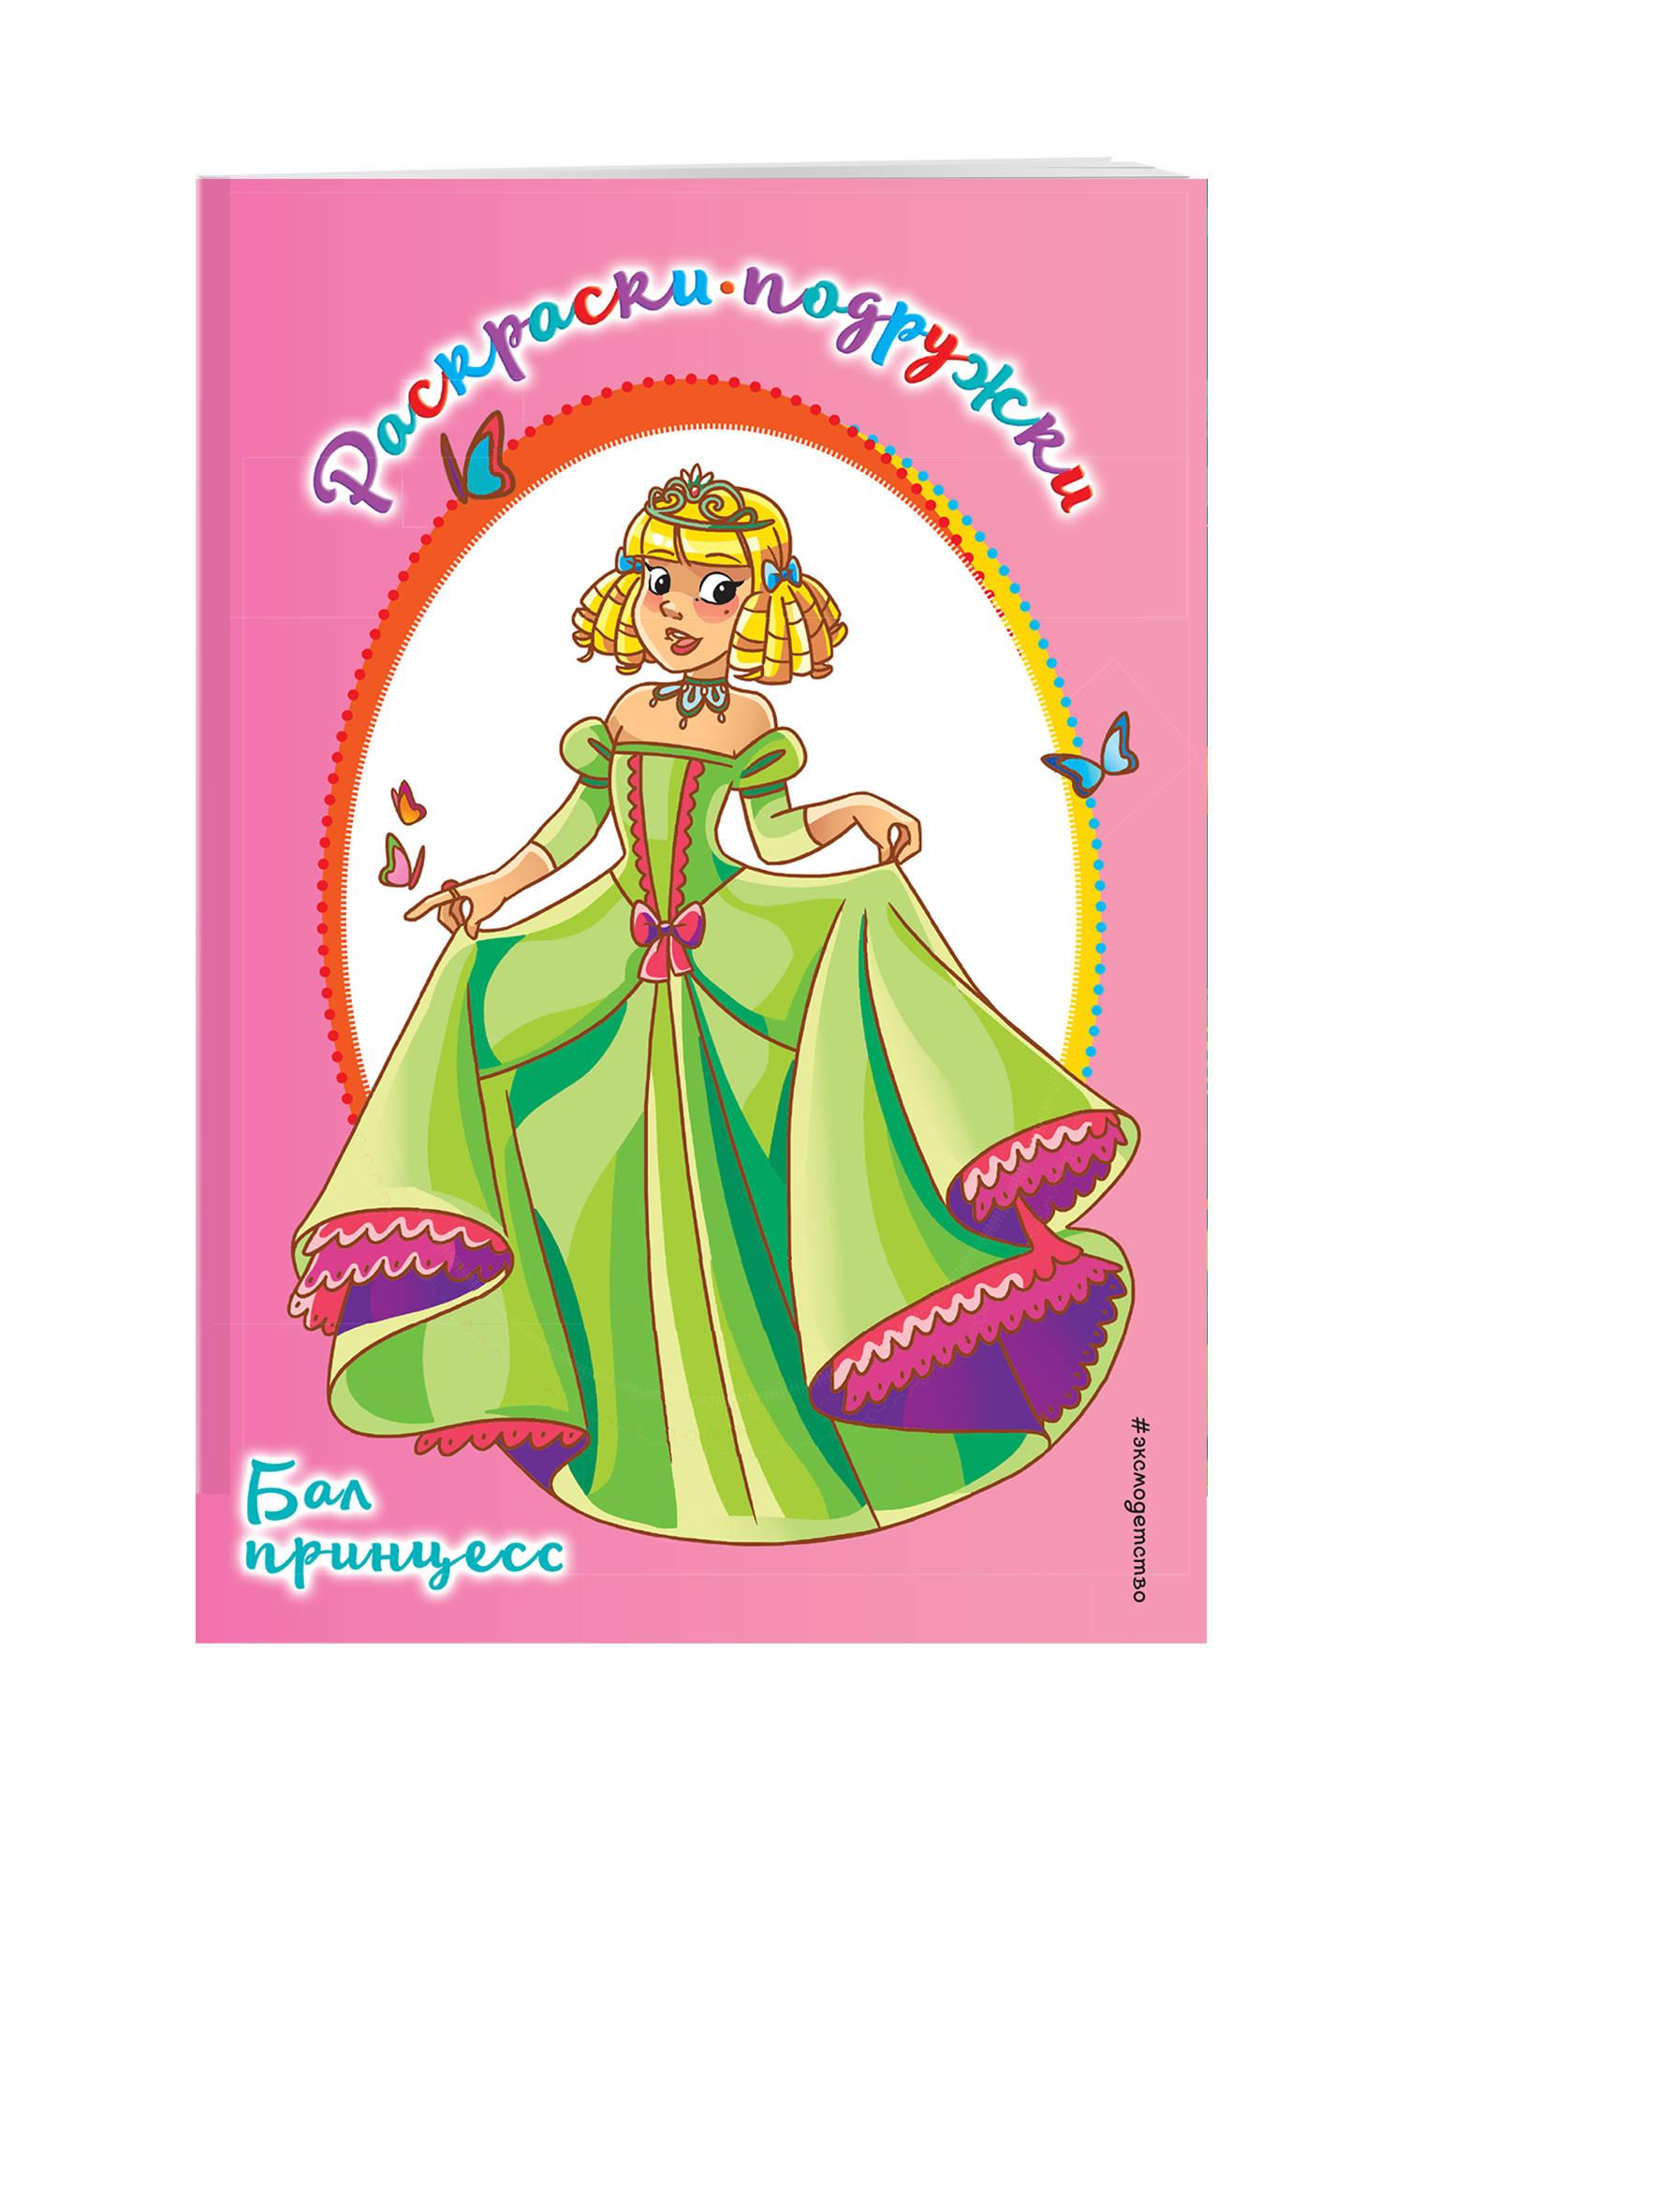 Бал принцесс джек кэнфилд всё что душа пожелает или фактор аладдина